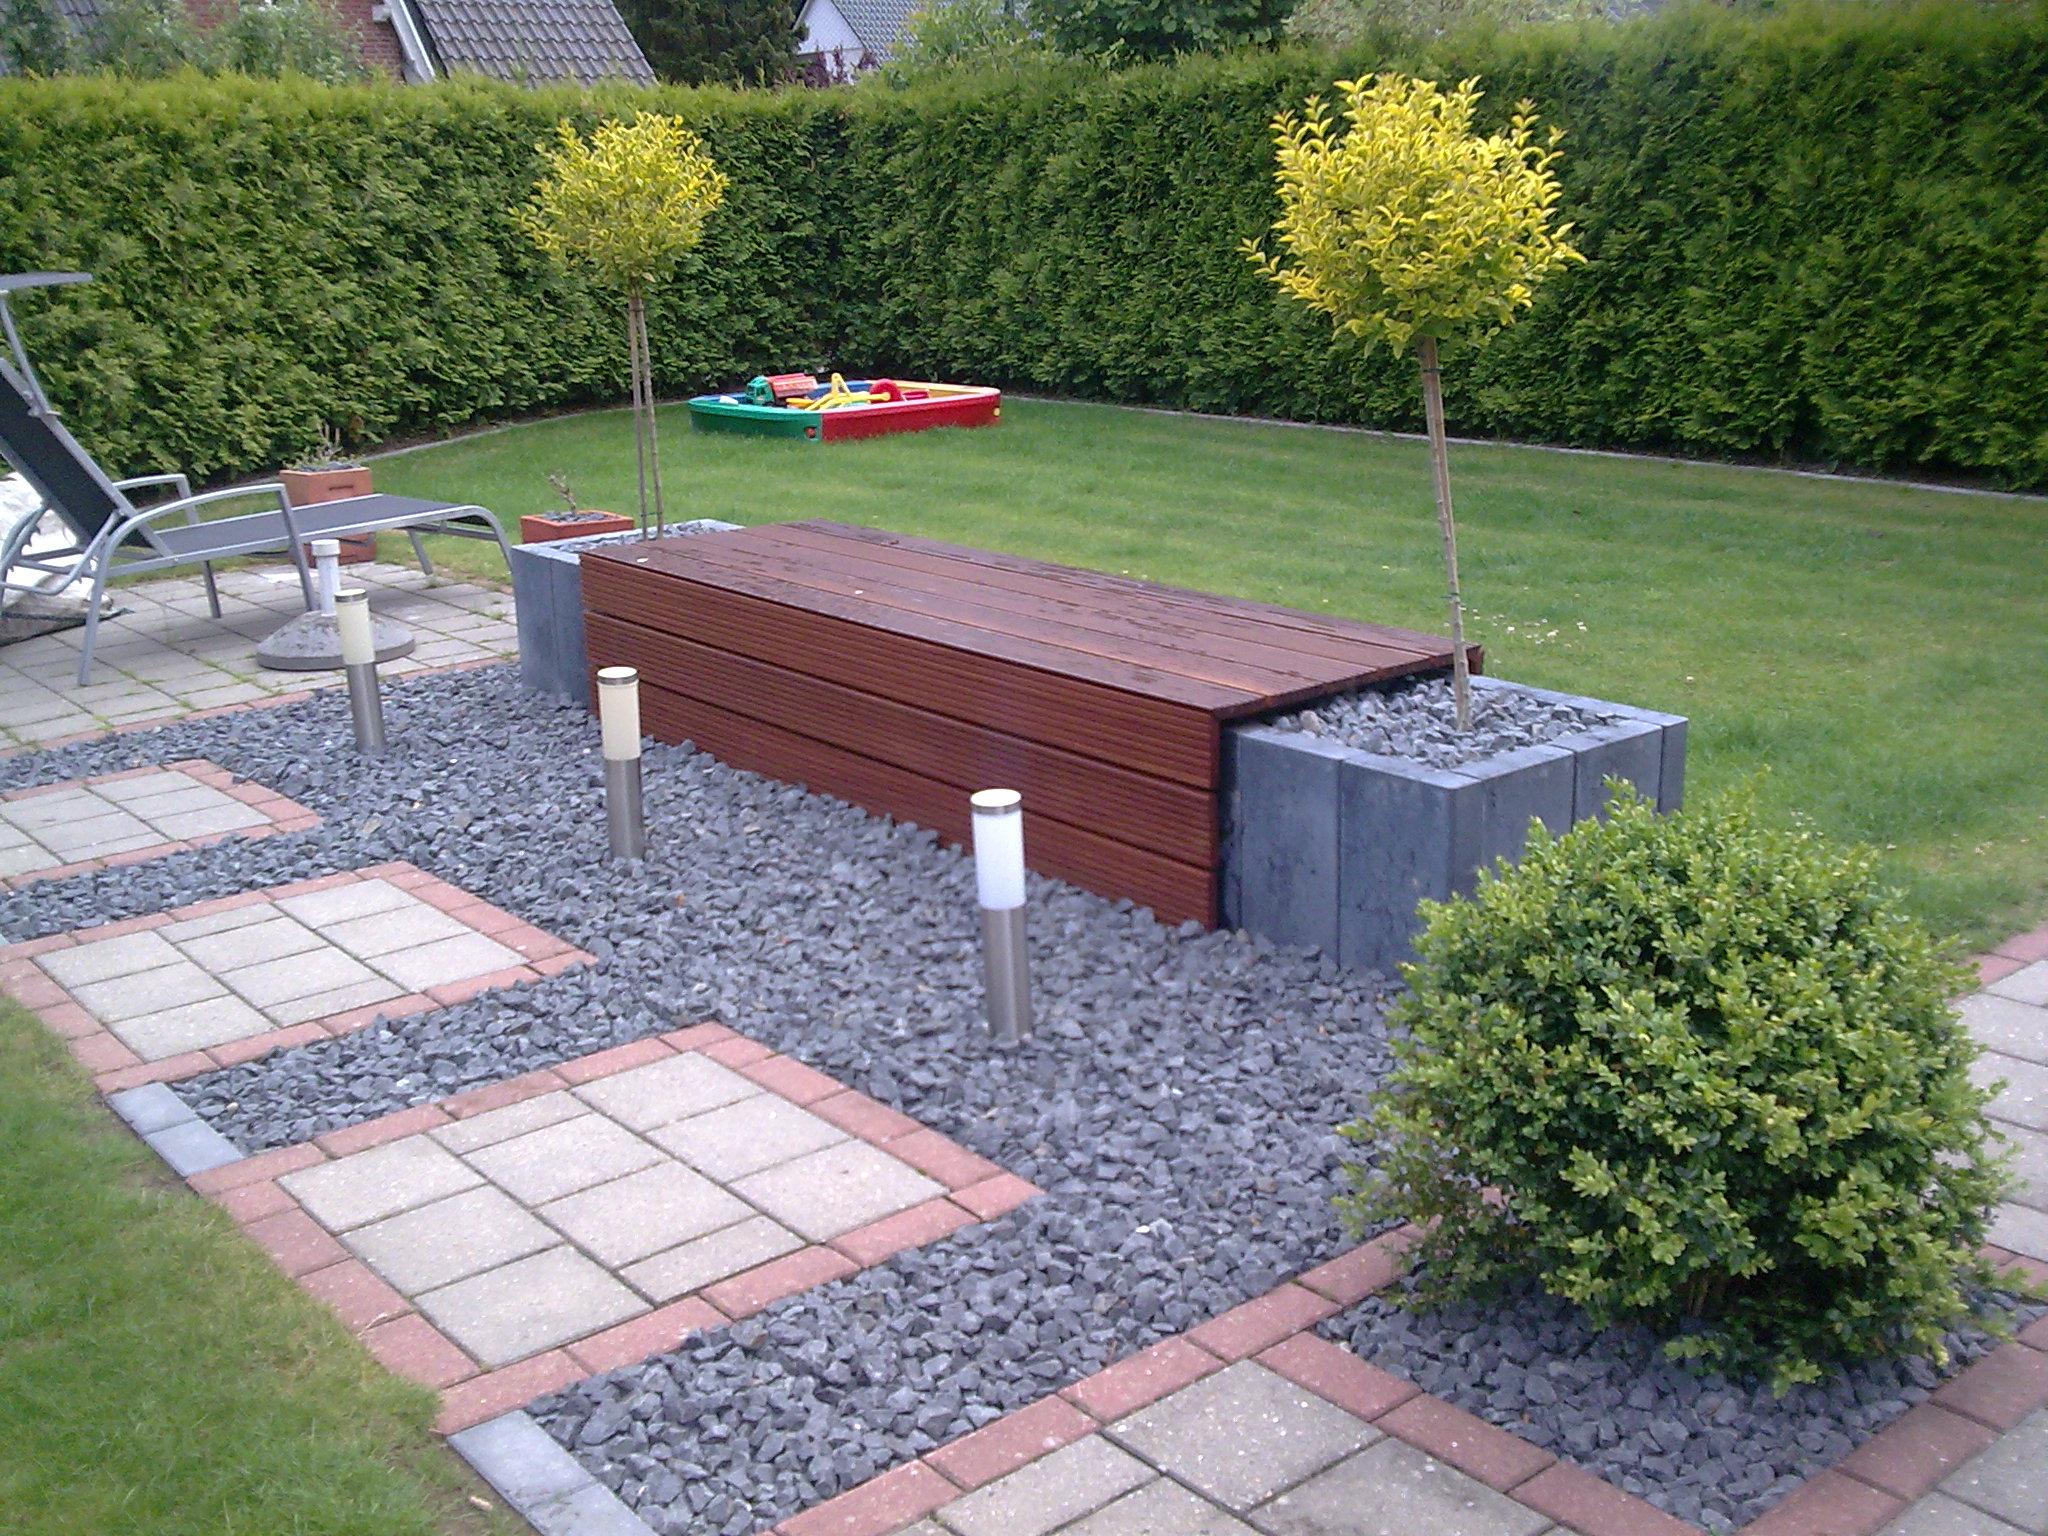 doppelhaushälfte mit sitzbank | righini garten- und landschaftsbau, Garten ideen